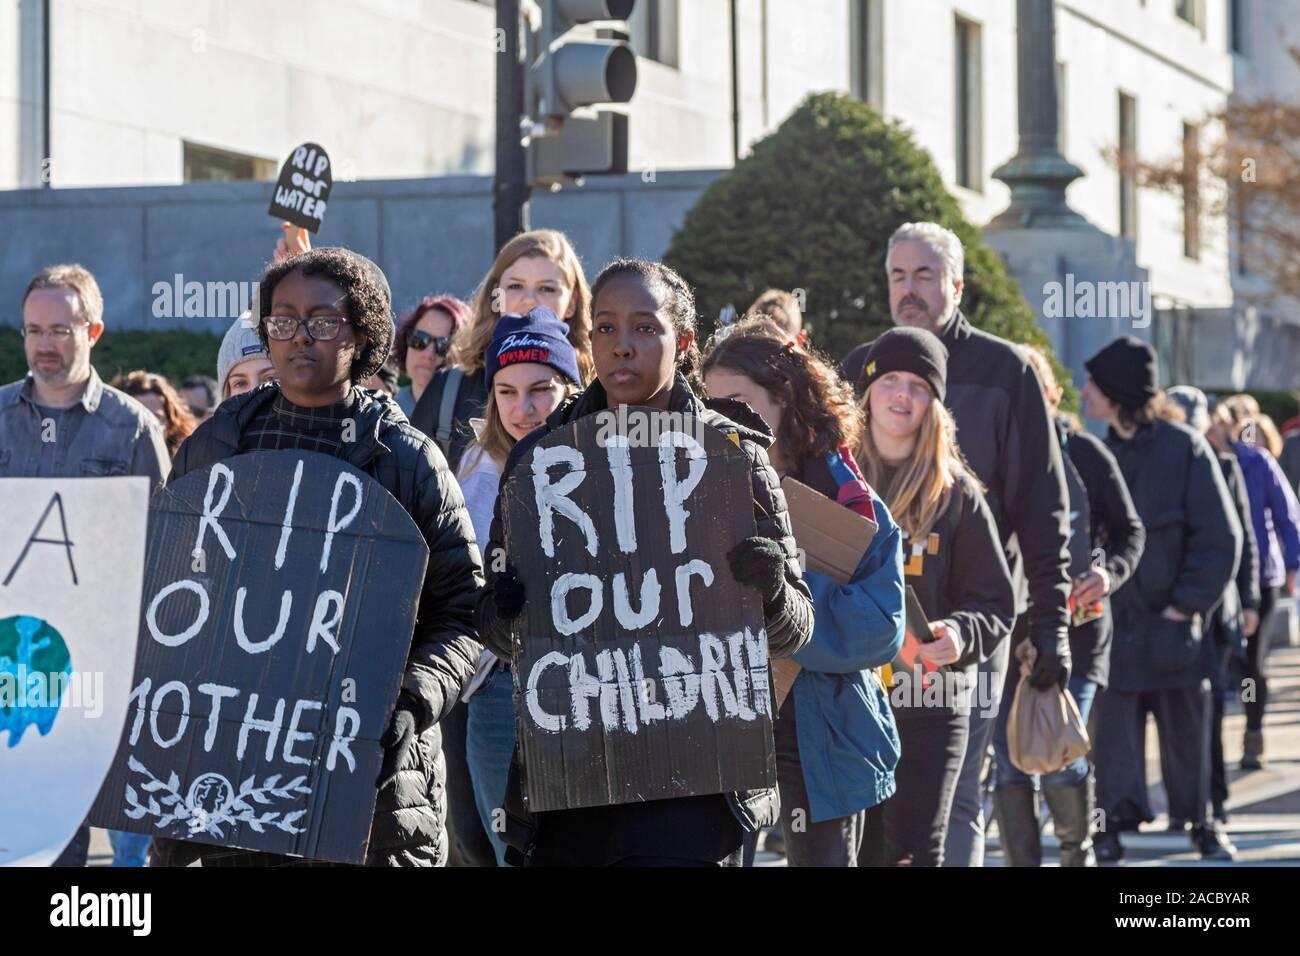 """Washington, DC - activistas jóvenes celebró un funeral para el futuro"""" en el Capitolio para exigir que los gobiernos aborden la crisis del cambio climático. Se p Foto de stock"""